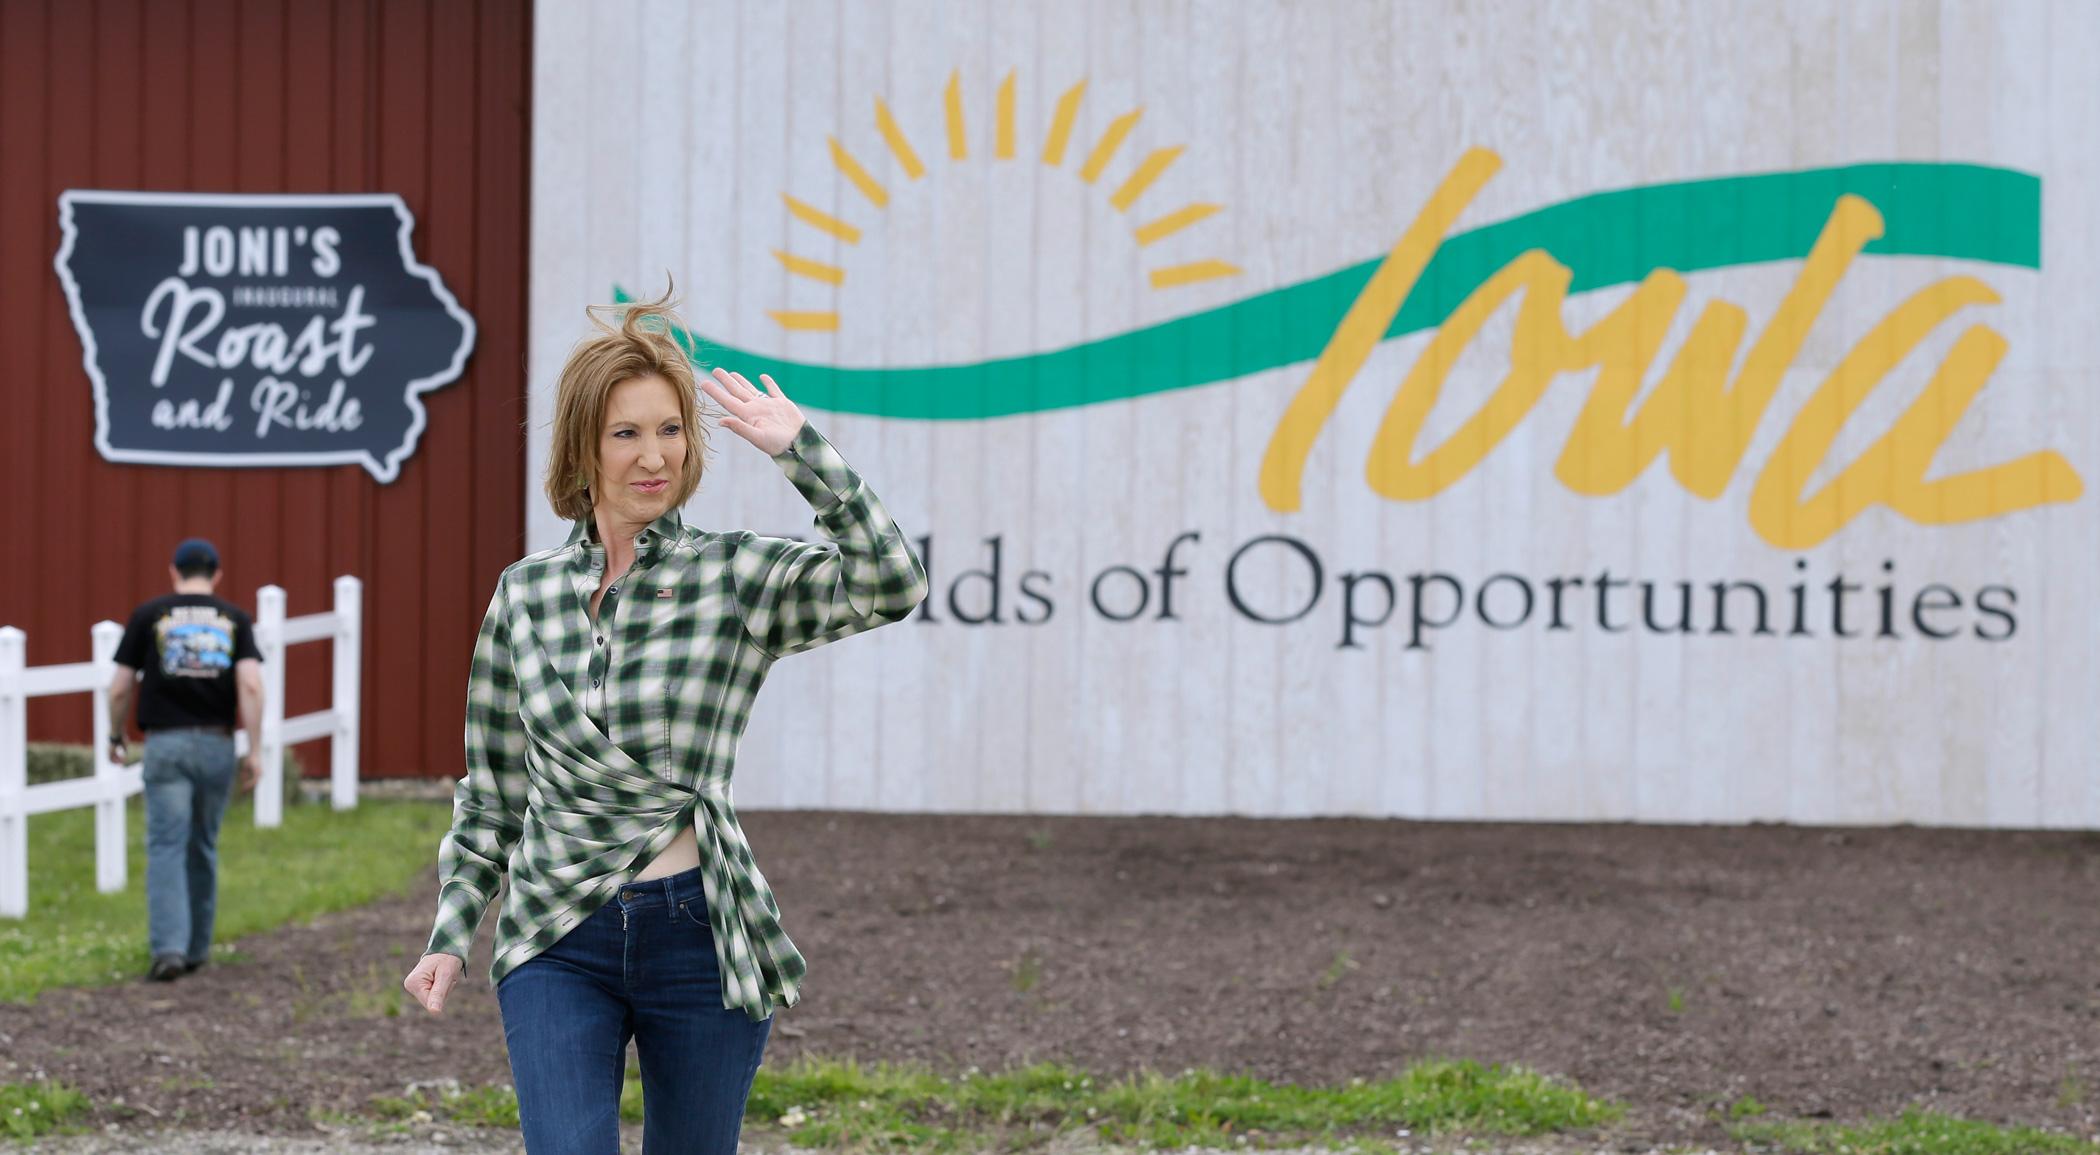 Carly Fiorina on June 6, 2015 in Boone, Iowa.